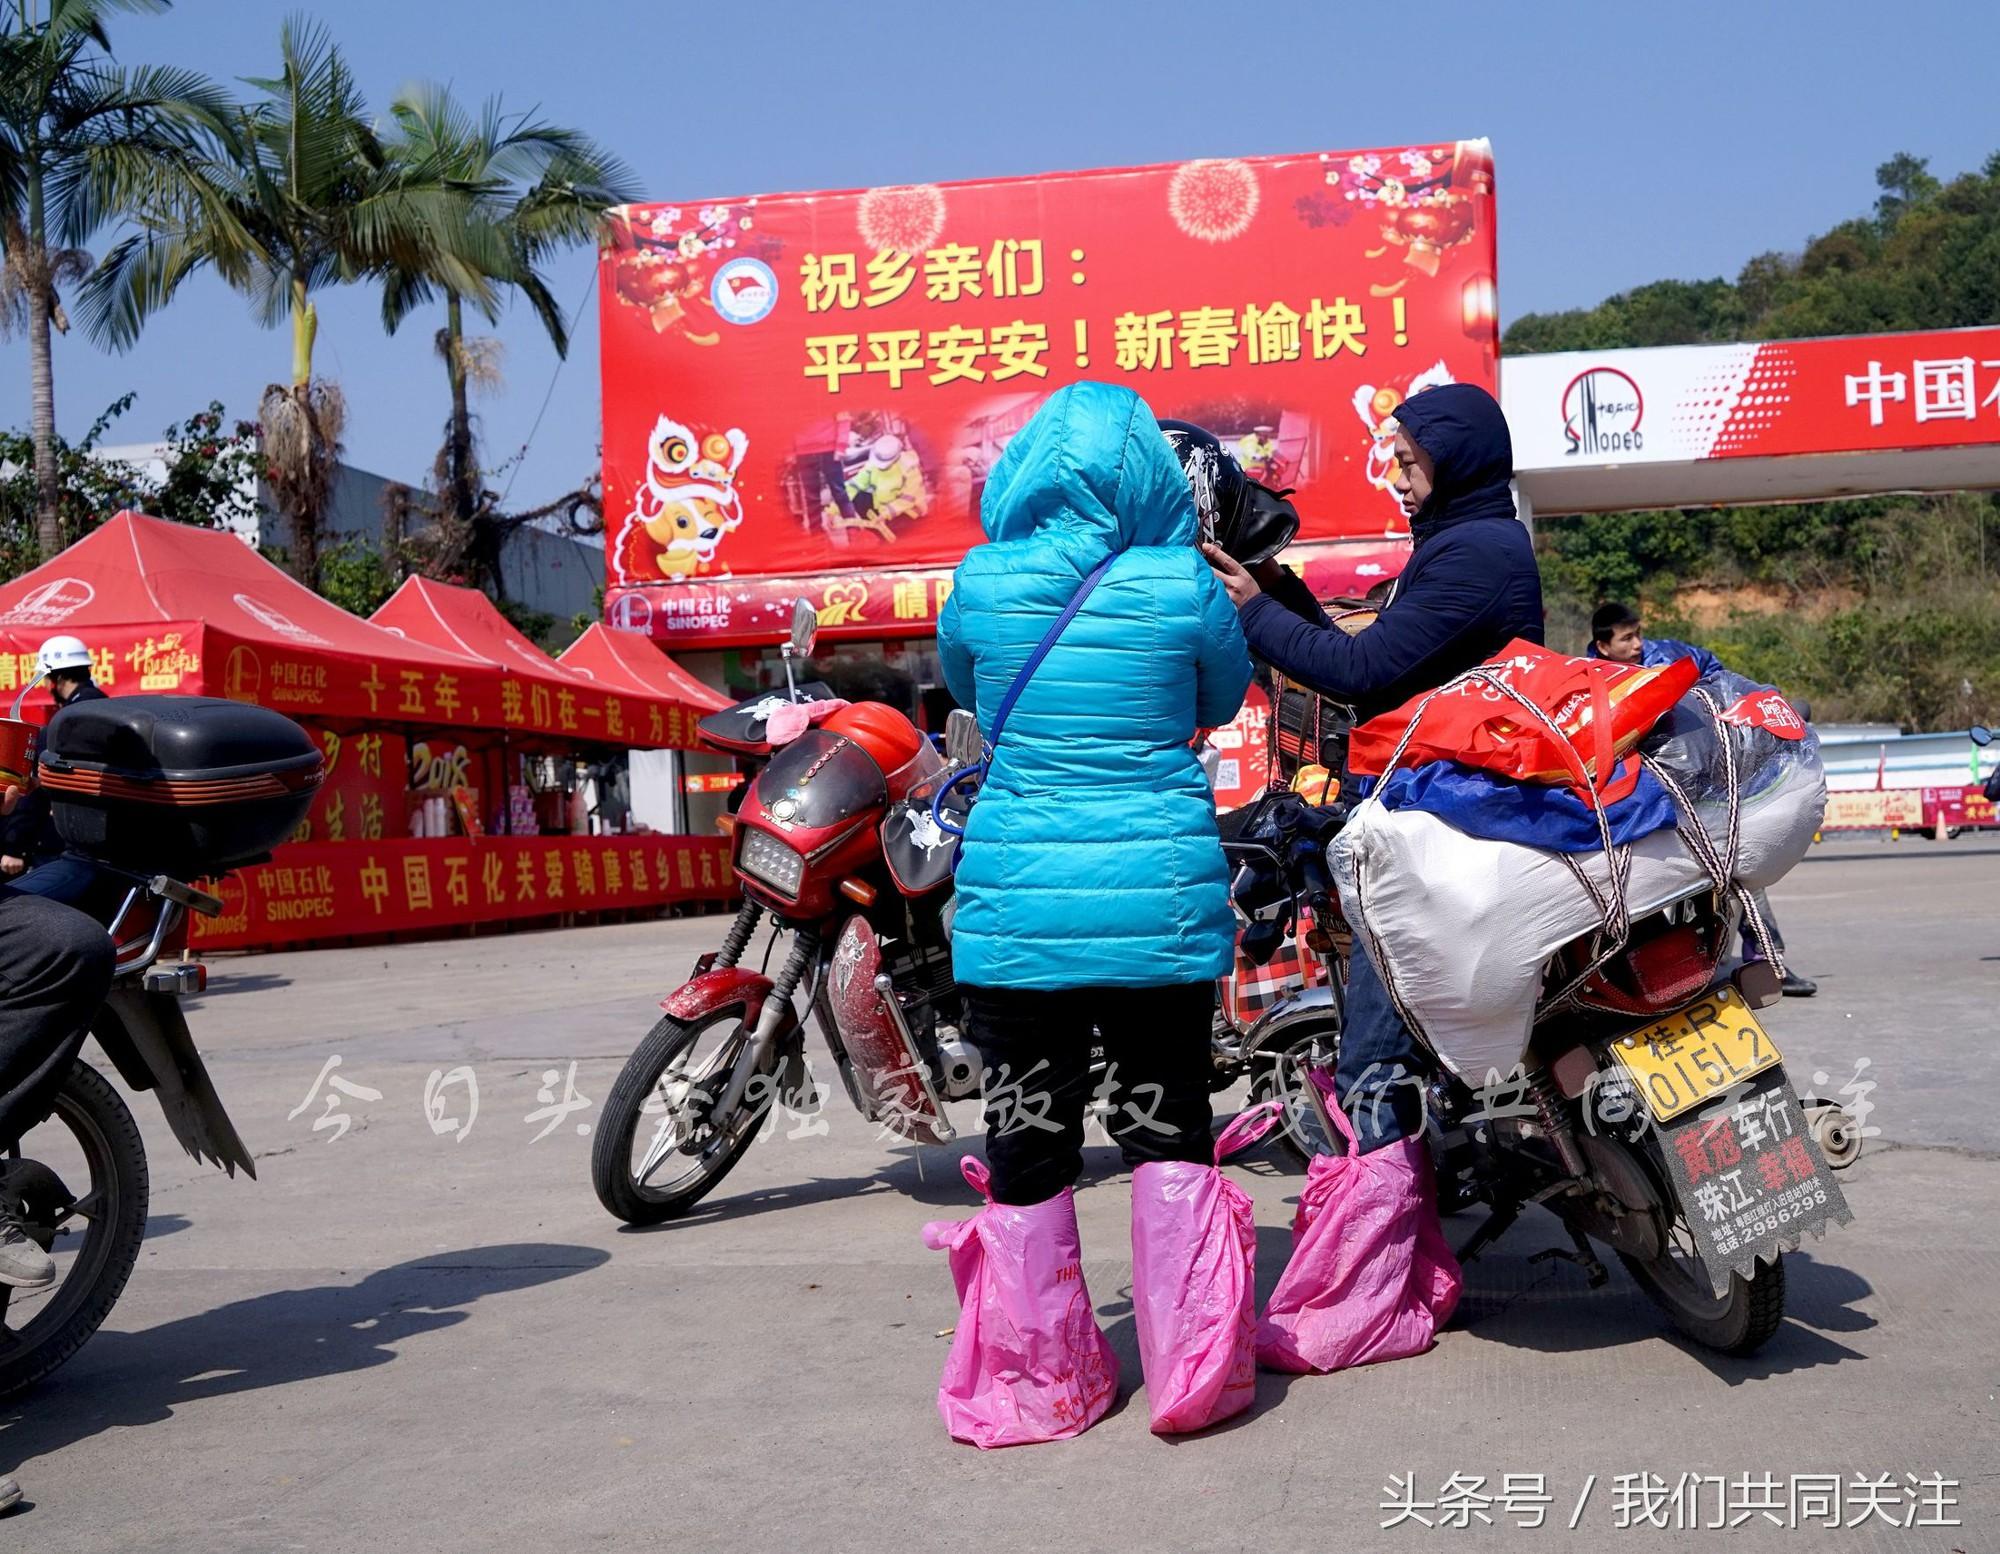 Ngán ngẩm cảnh đông đúc tại nhà xe bến tàu, hàng chục nghìn người Trung Quốc phượt trăm km về quê ăn Tết - Ảnh 4.